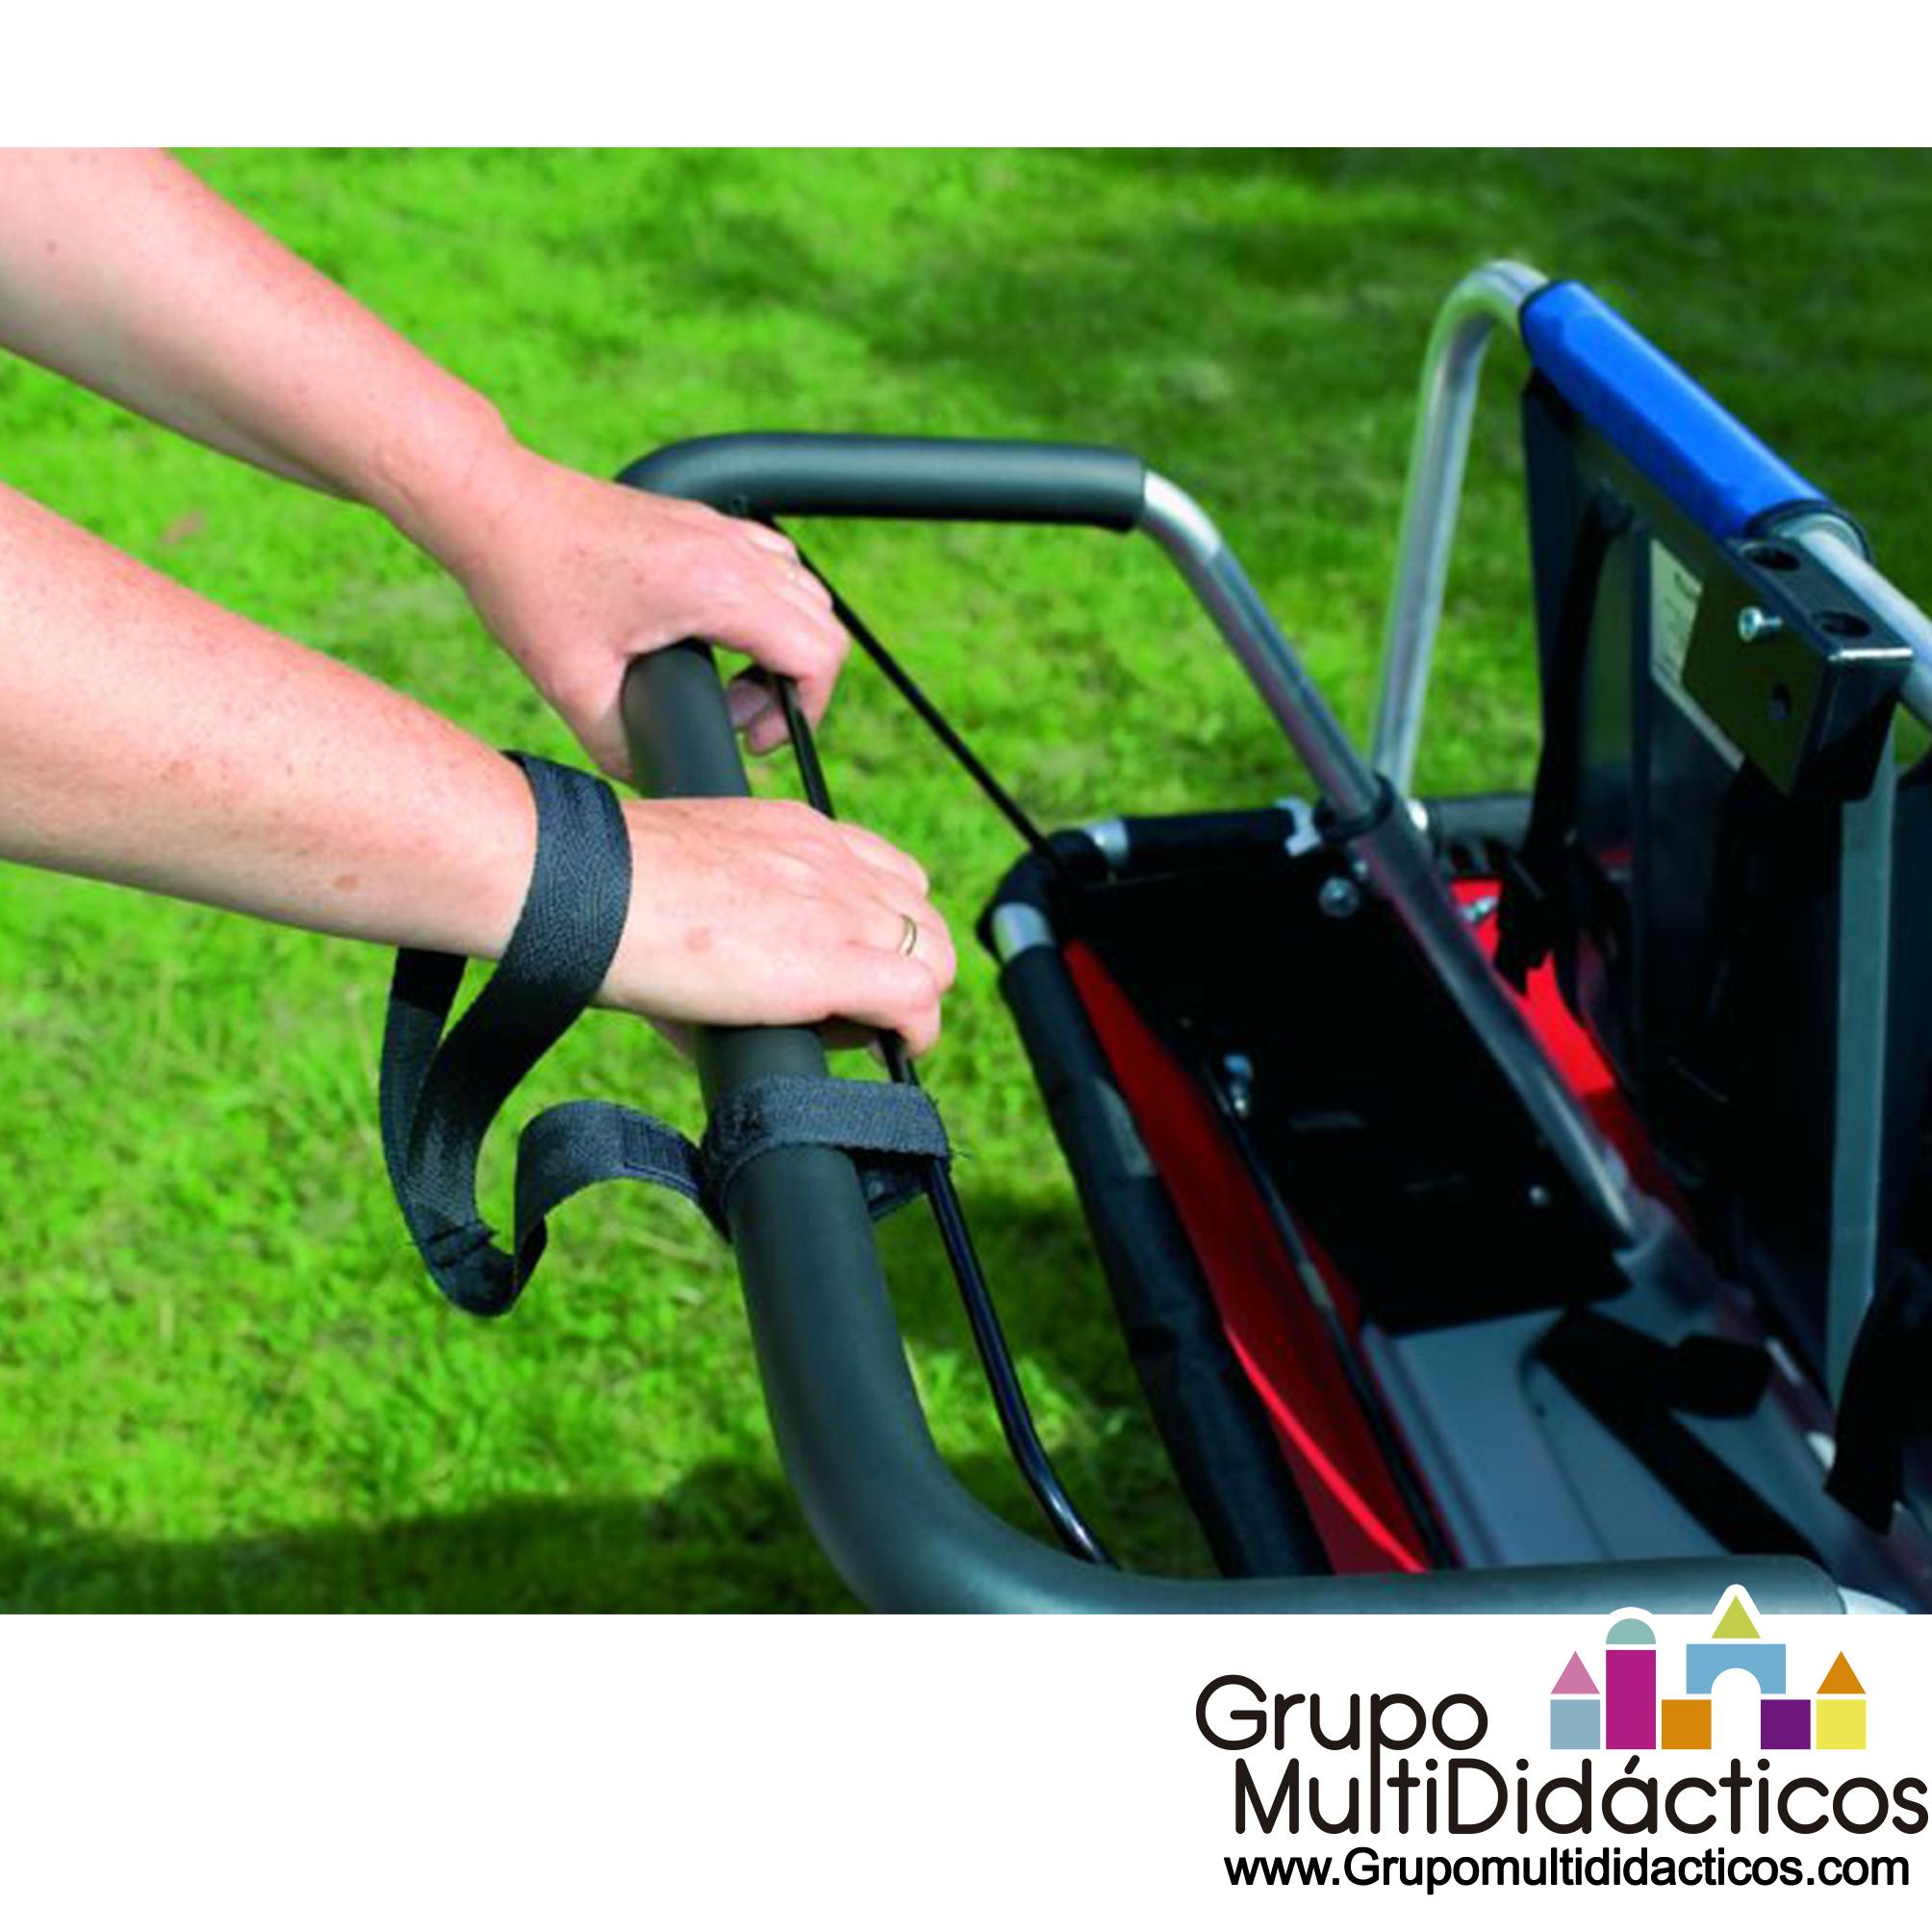 https://multididacticos.com/images/productos/peq/carro%20guarderia%207d.jpg